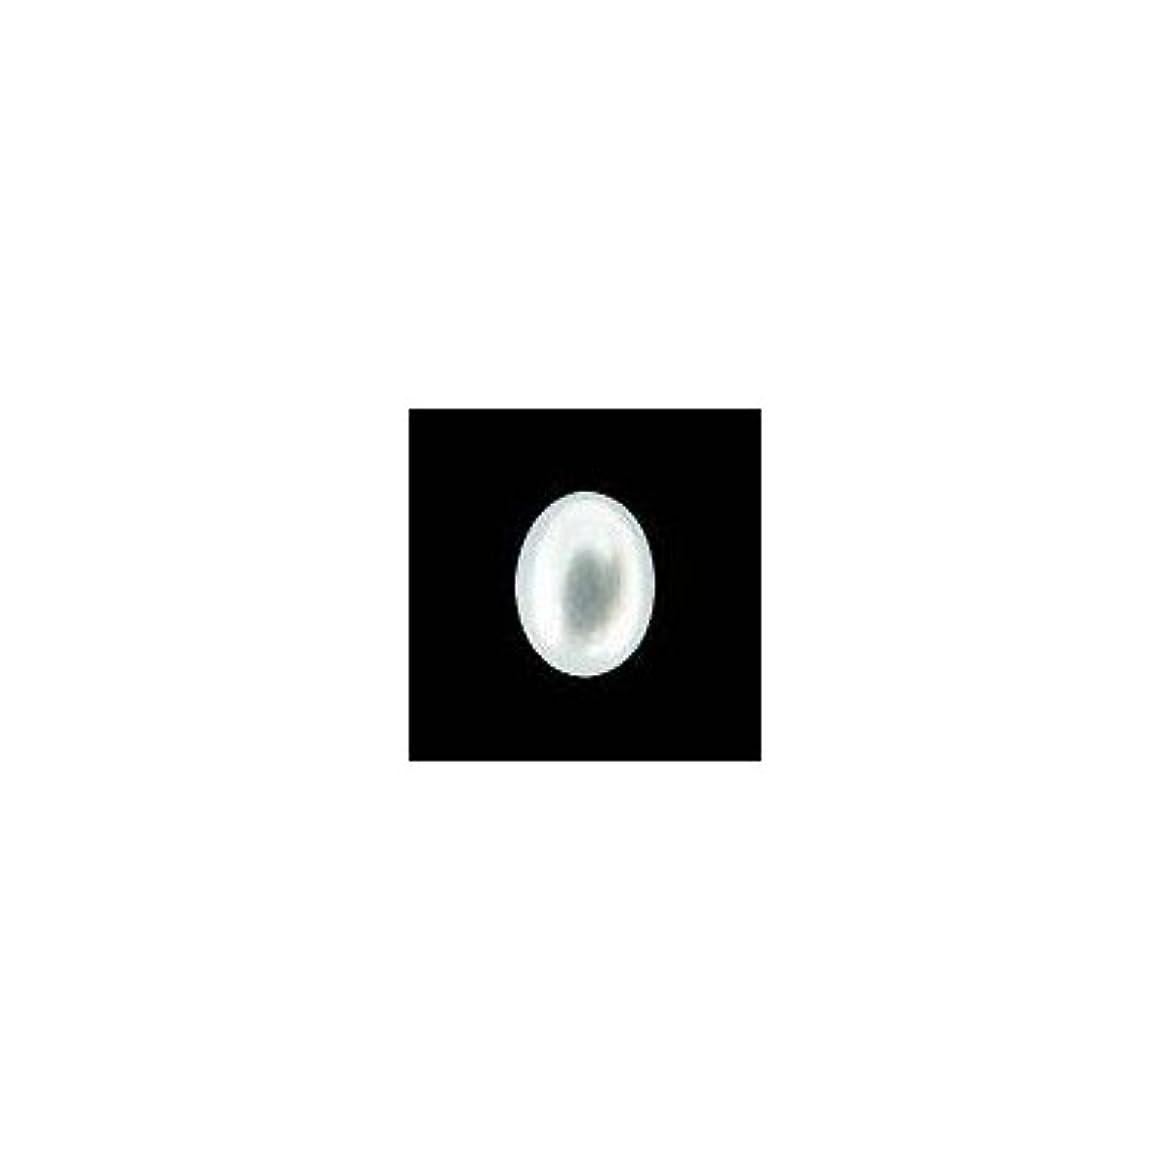 賢いオーバーフロー見捨てられたピアドラ 大粒パール オーバル(7×5)24P